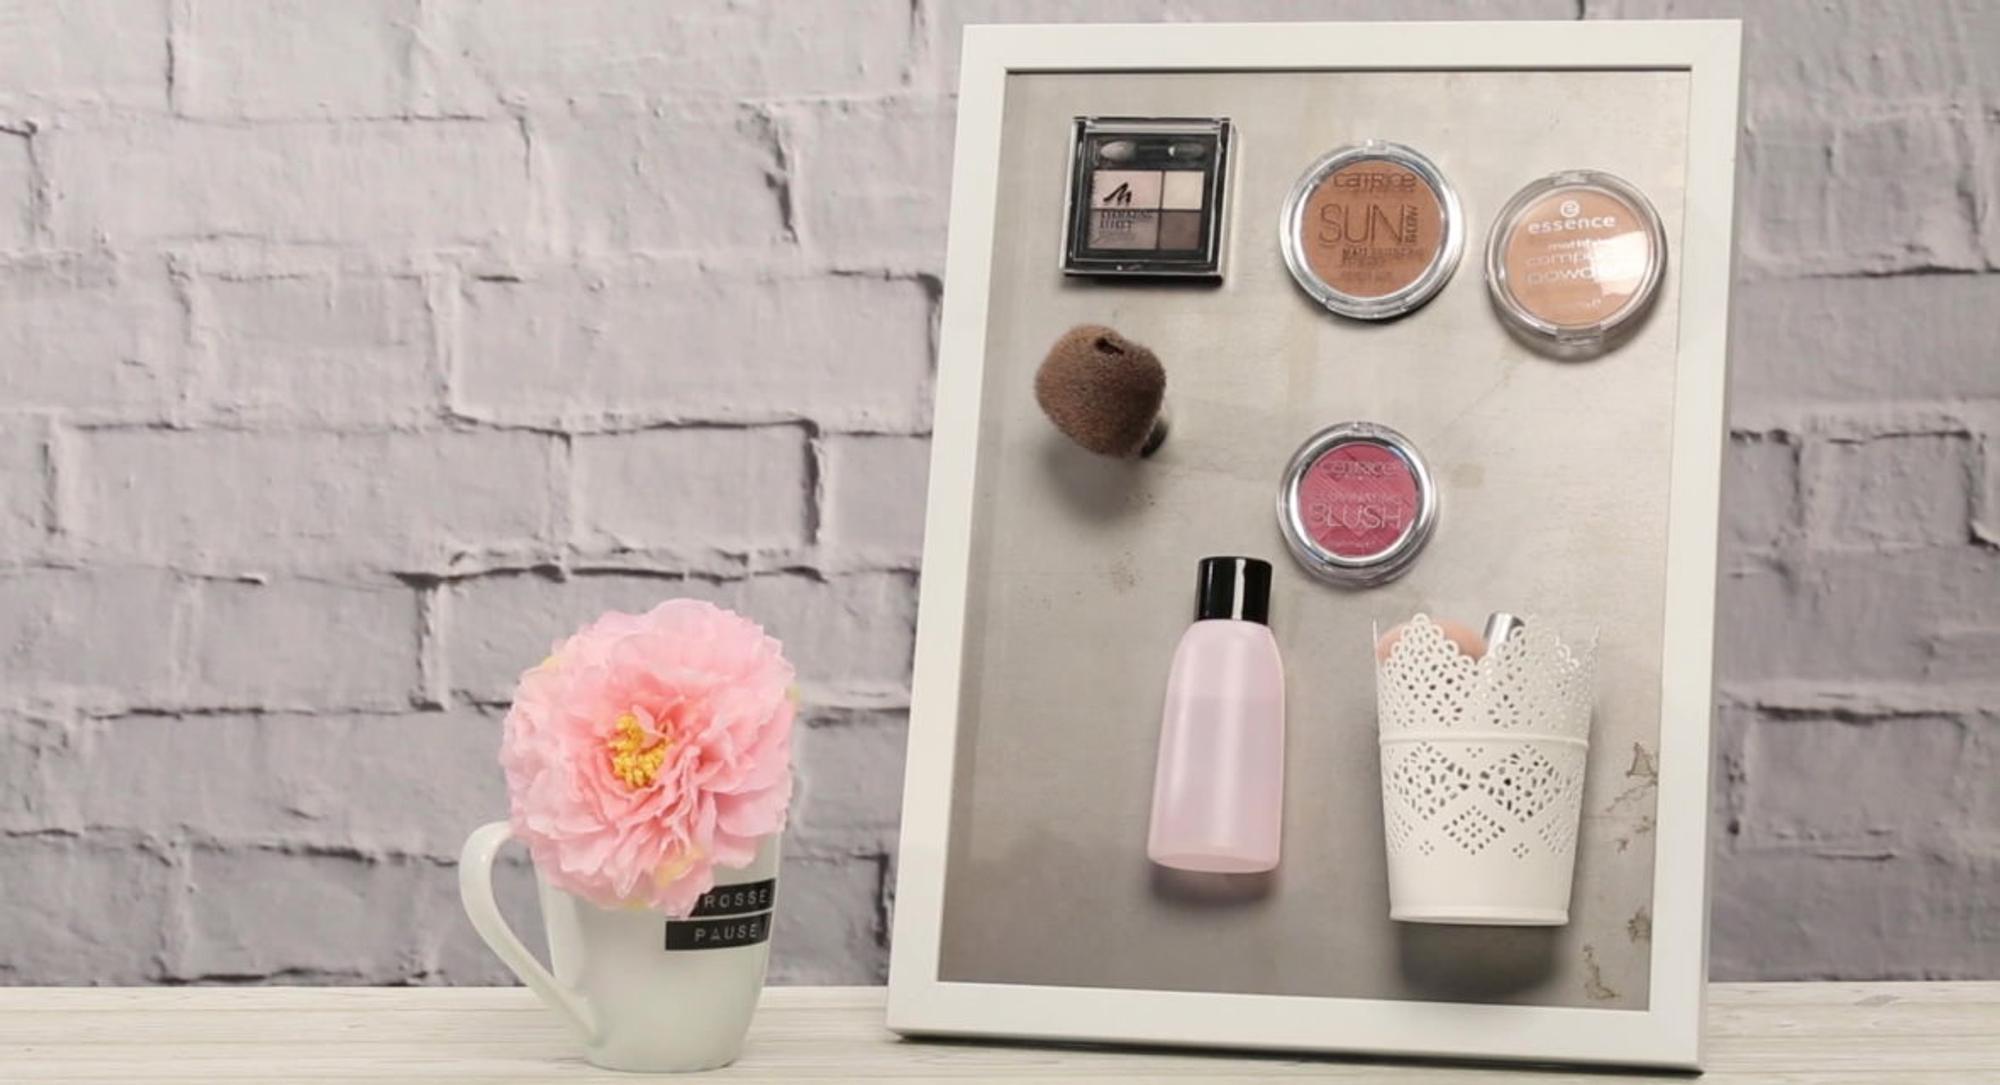 Beliebt Magnettafel selber machen für deine Make-up Aufbewahrung - Missmadeit BN04